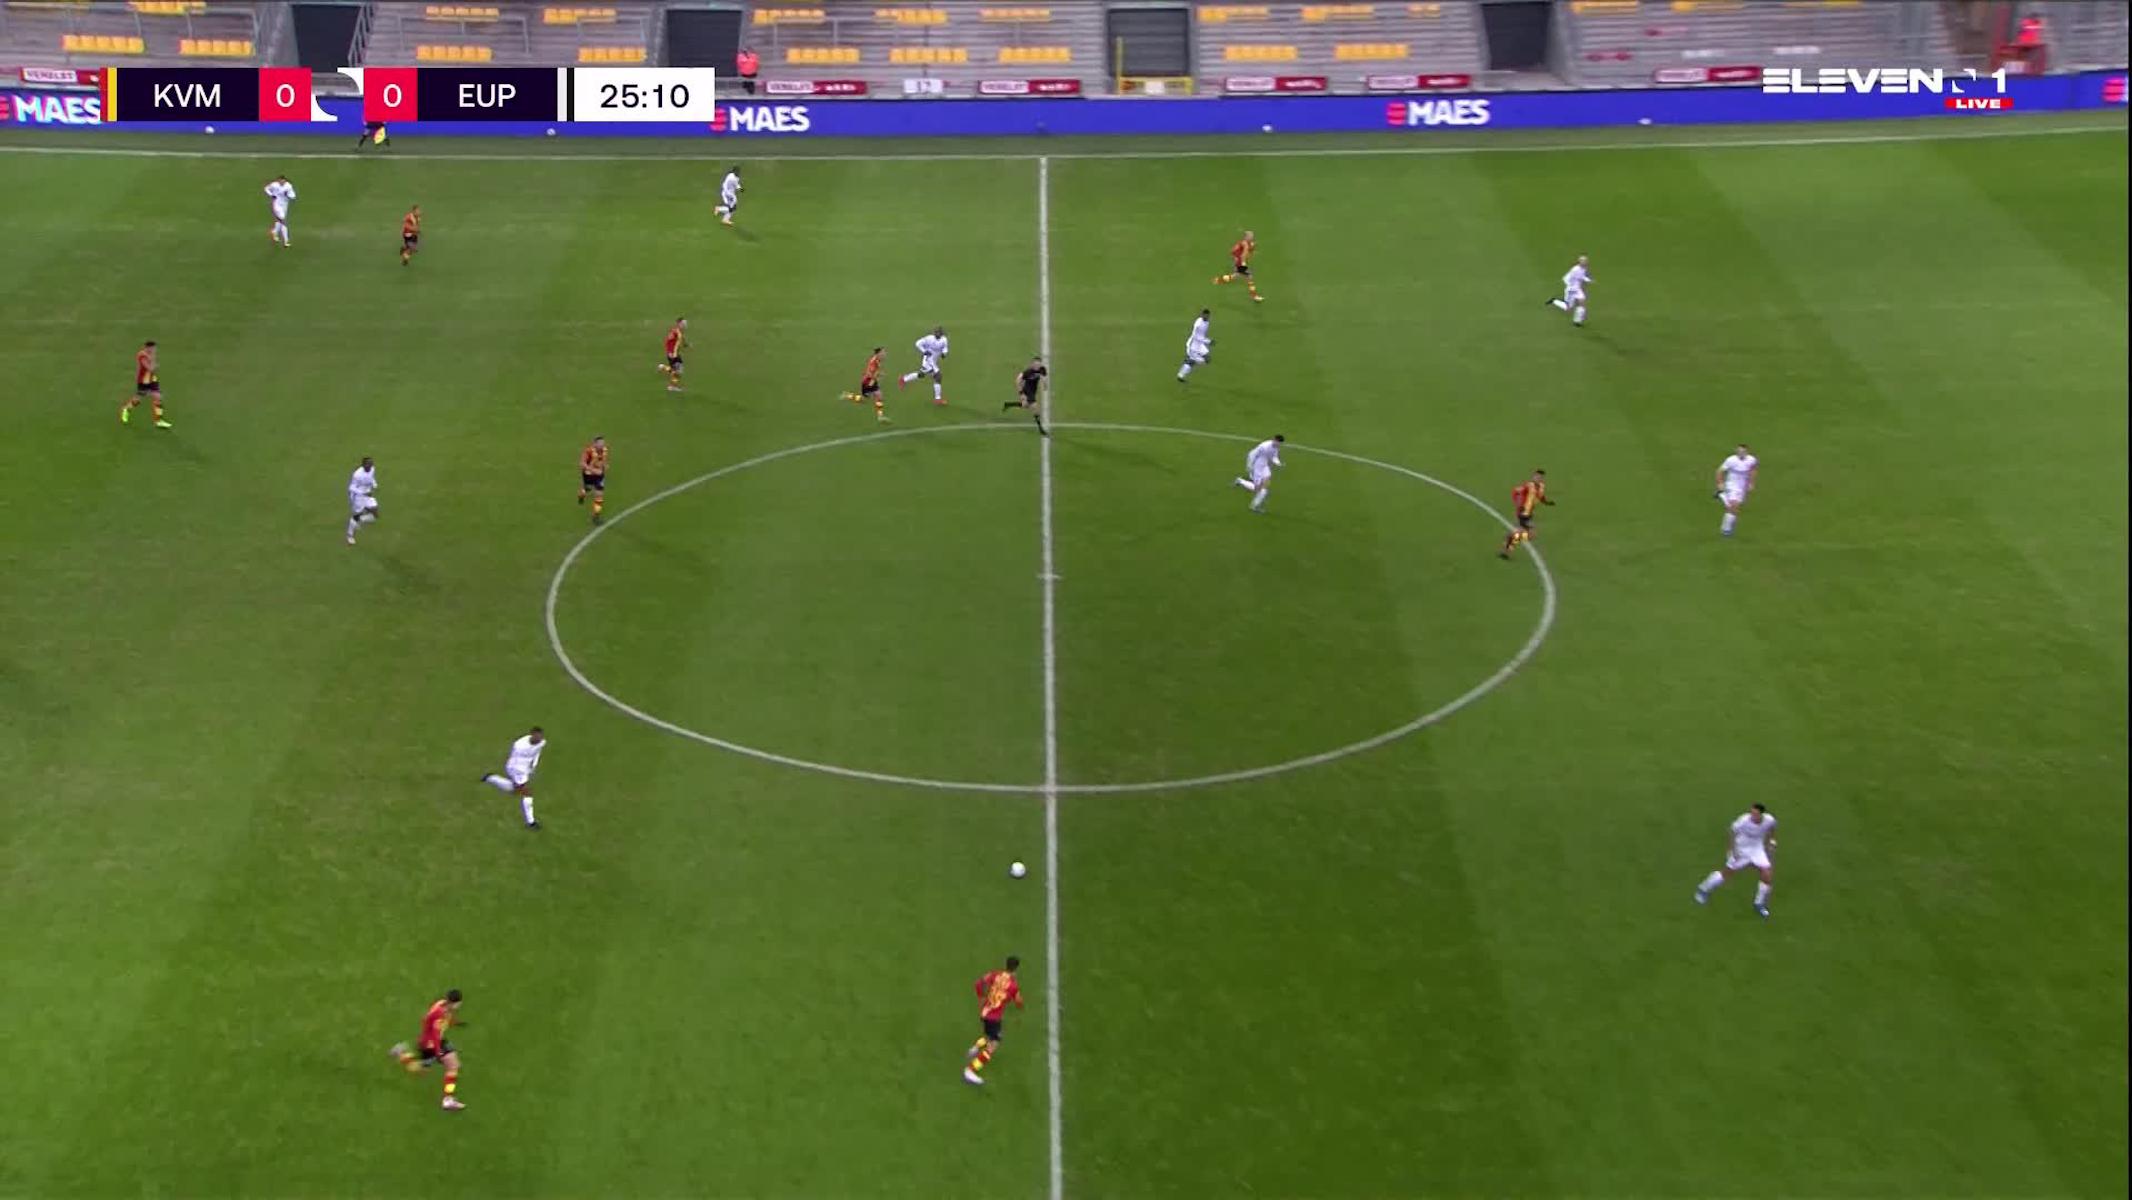 Doelpunt Geoffrey Hairemans (KV Mechelen vs. KAS Eupen)